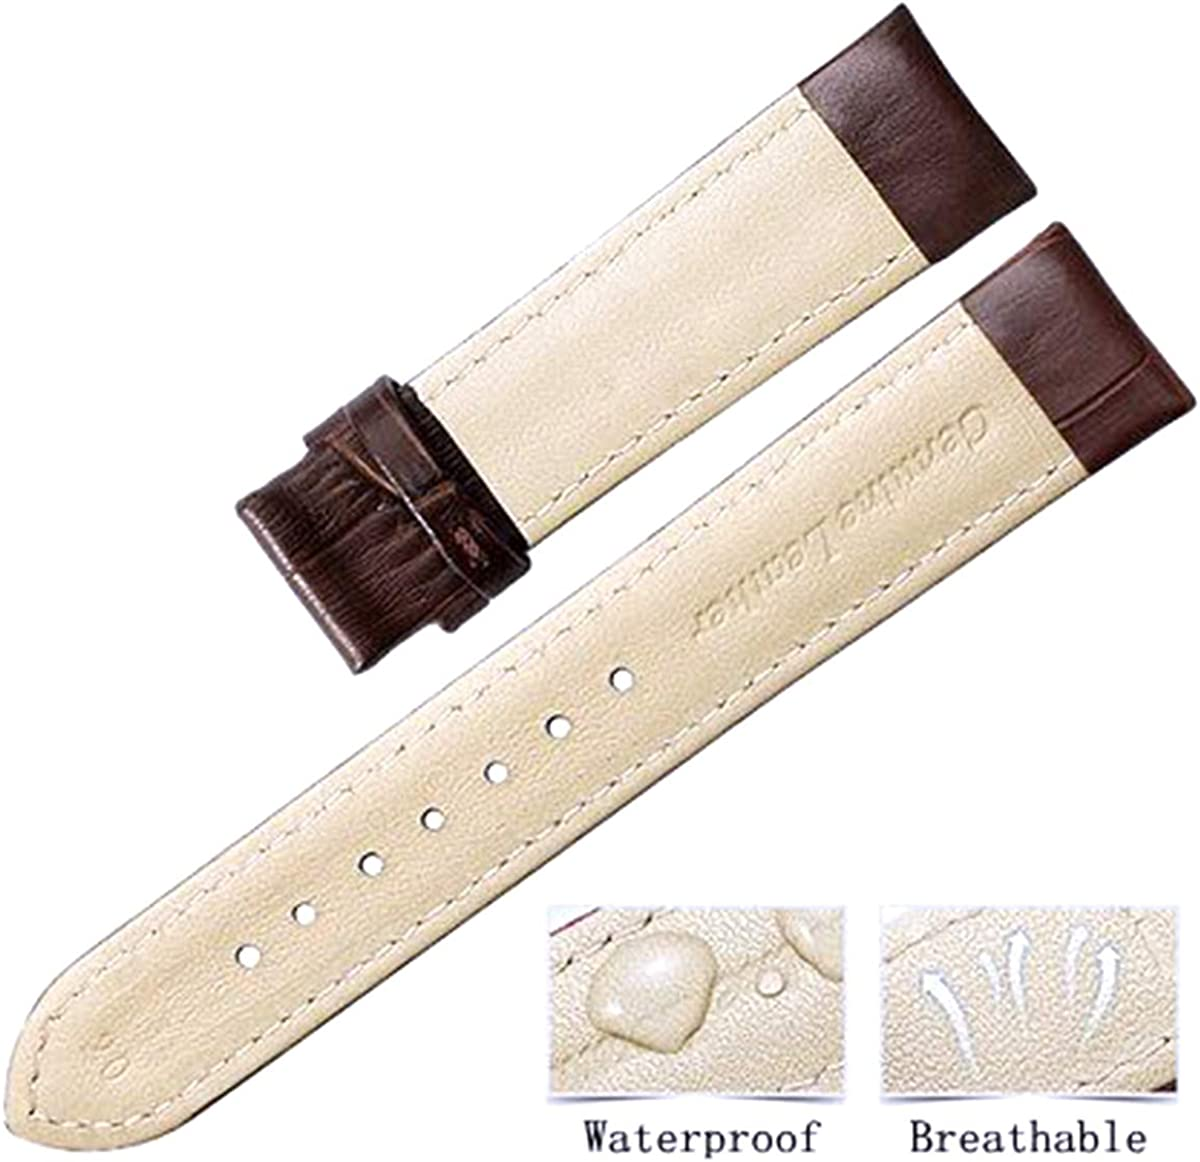 Cinturini orologi Genuine Leather Strap 18 mm 19 mm 20 mm 21 mm 22 mm 24 mm imbottito Croco del modello Black With Silver